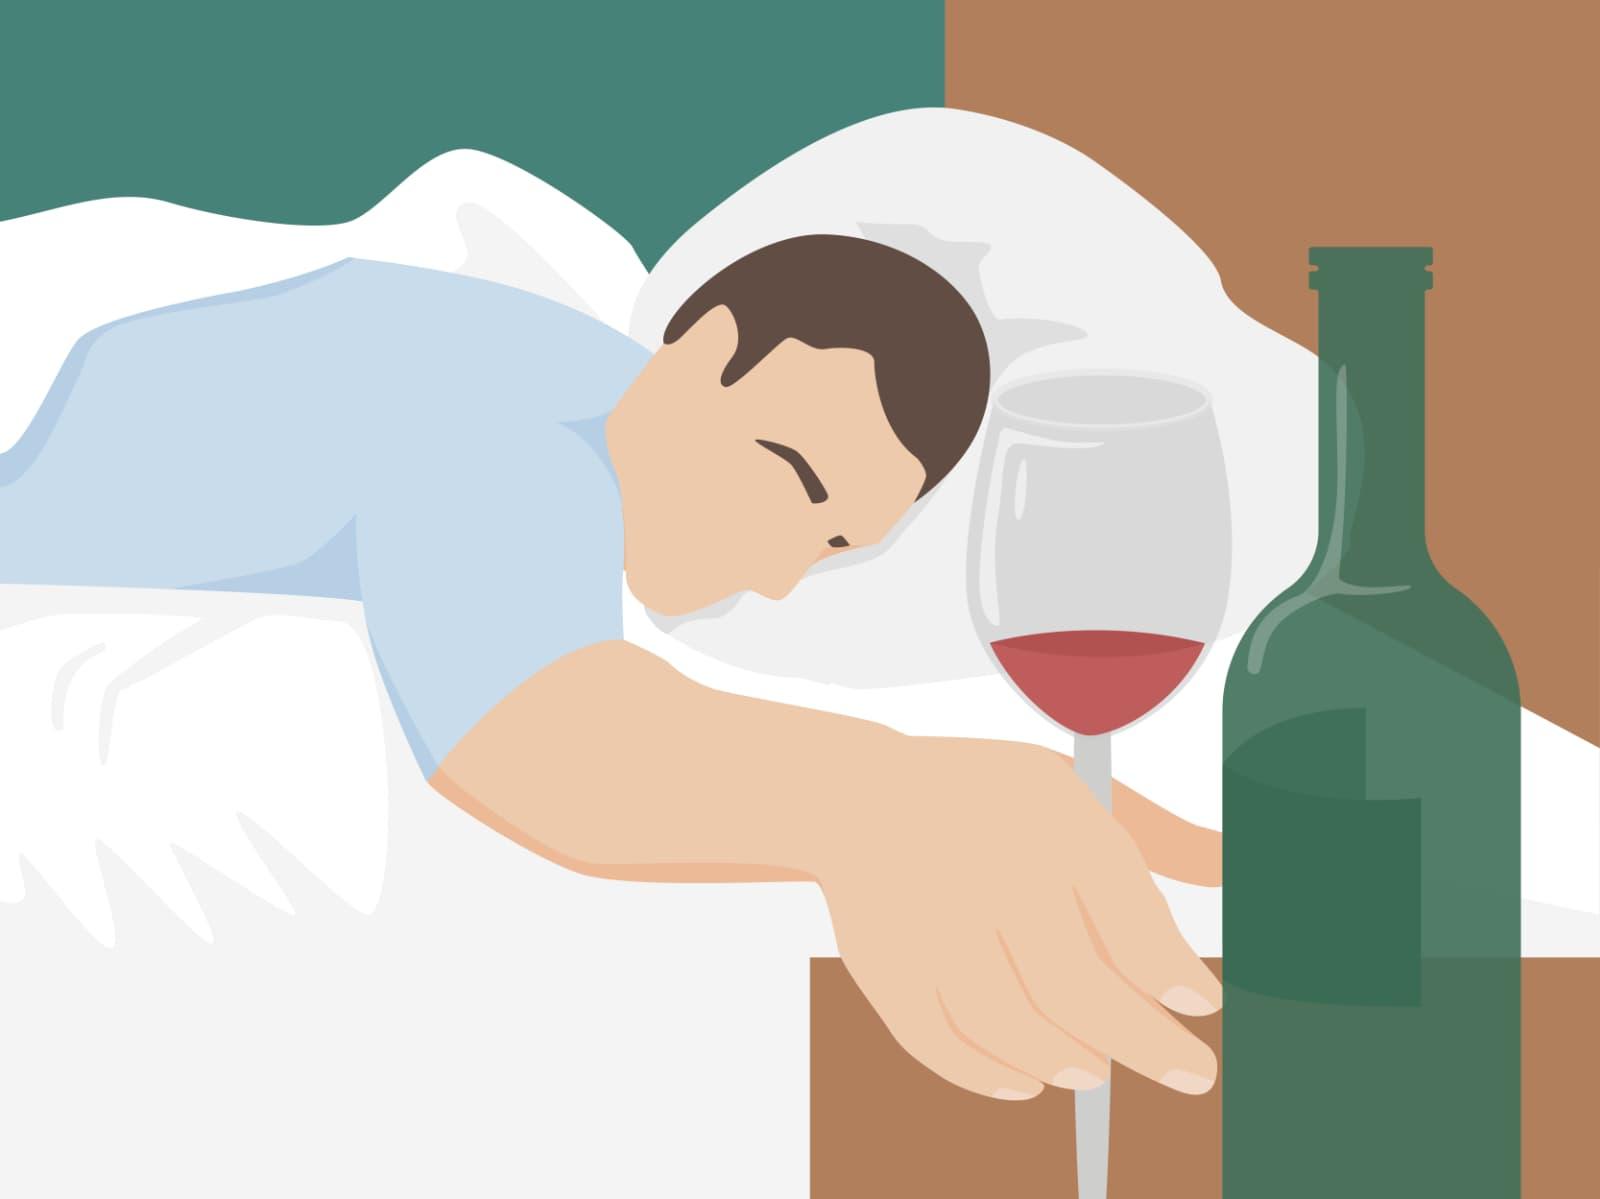 Irrtümer Schlaf: Manche Schlaf-Irrtümer können gefährlich werden und sogar Schlafstörungen fördern.